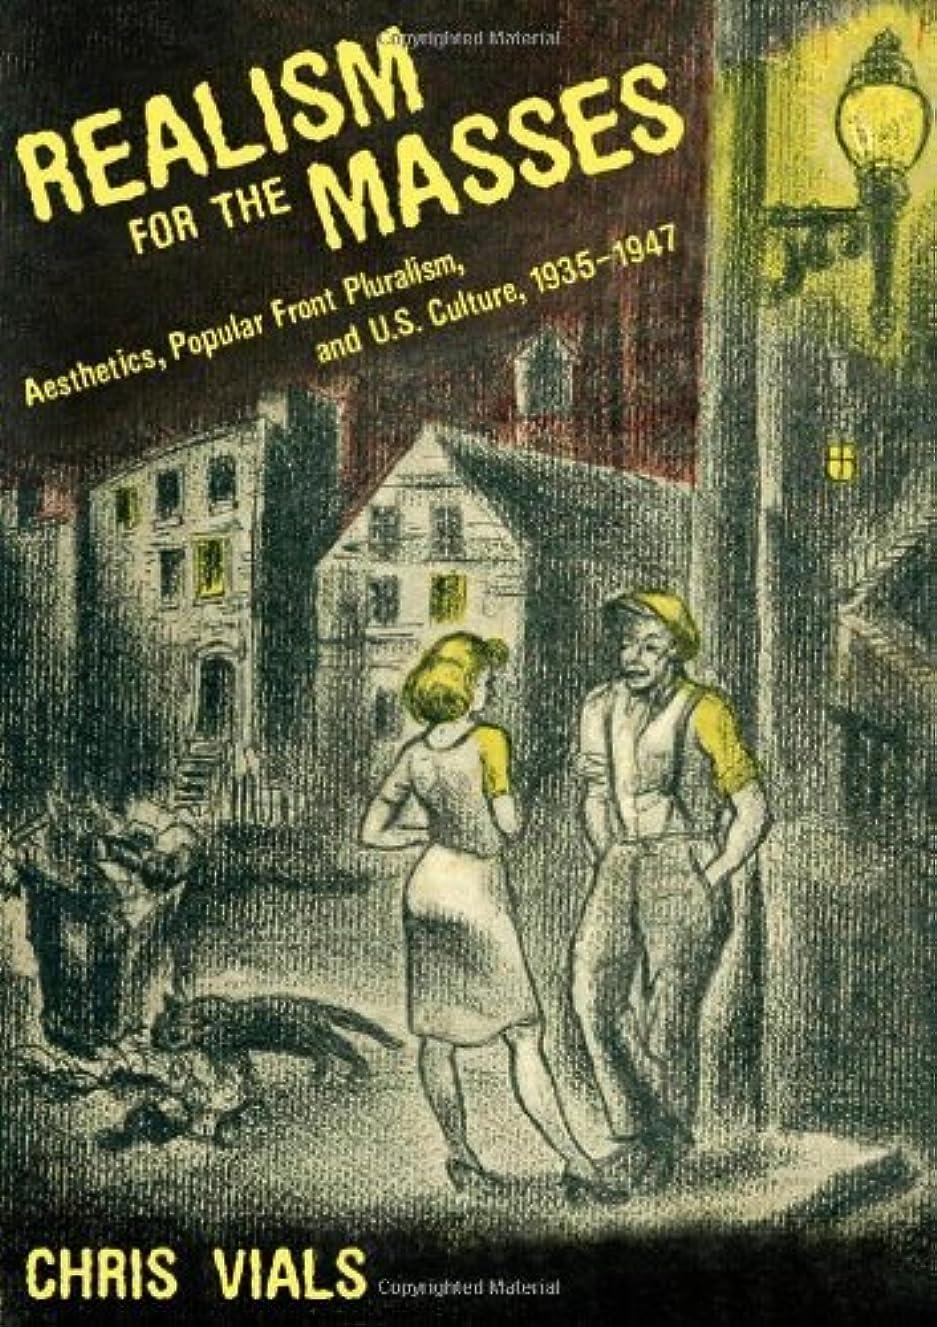 サイレント直面するマラドロイトRealism for the Masses: Aesthetics, Popular Front Pluralism, and U.S. Culture, 1935-1947 (English Edition)